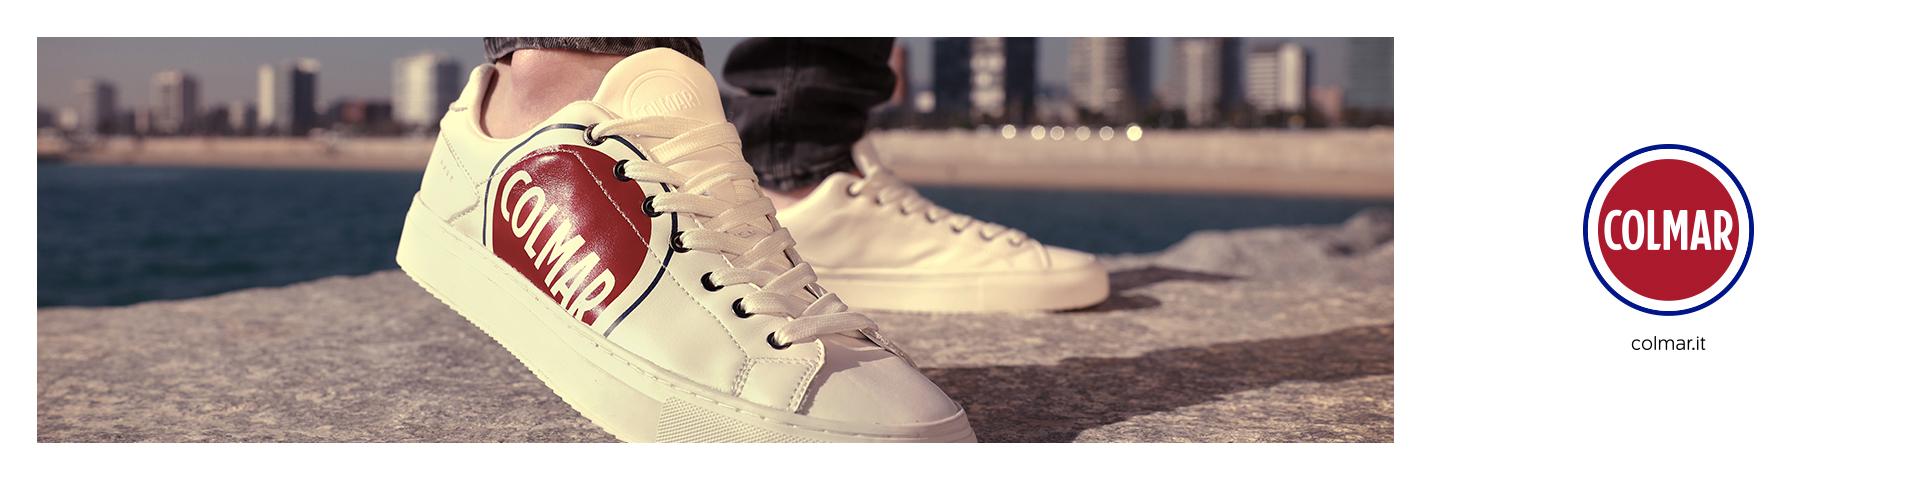 Da OriginalsDisponibili Sneakers Uomo Zalando Colmar Su oCxdBe